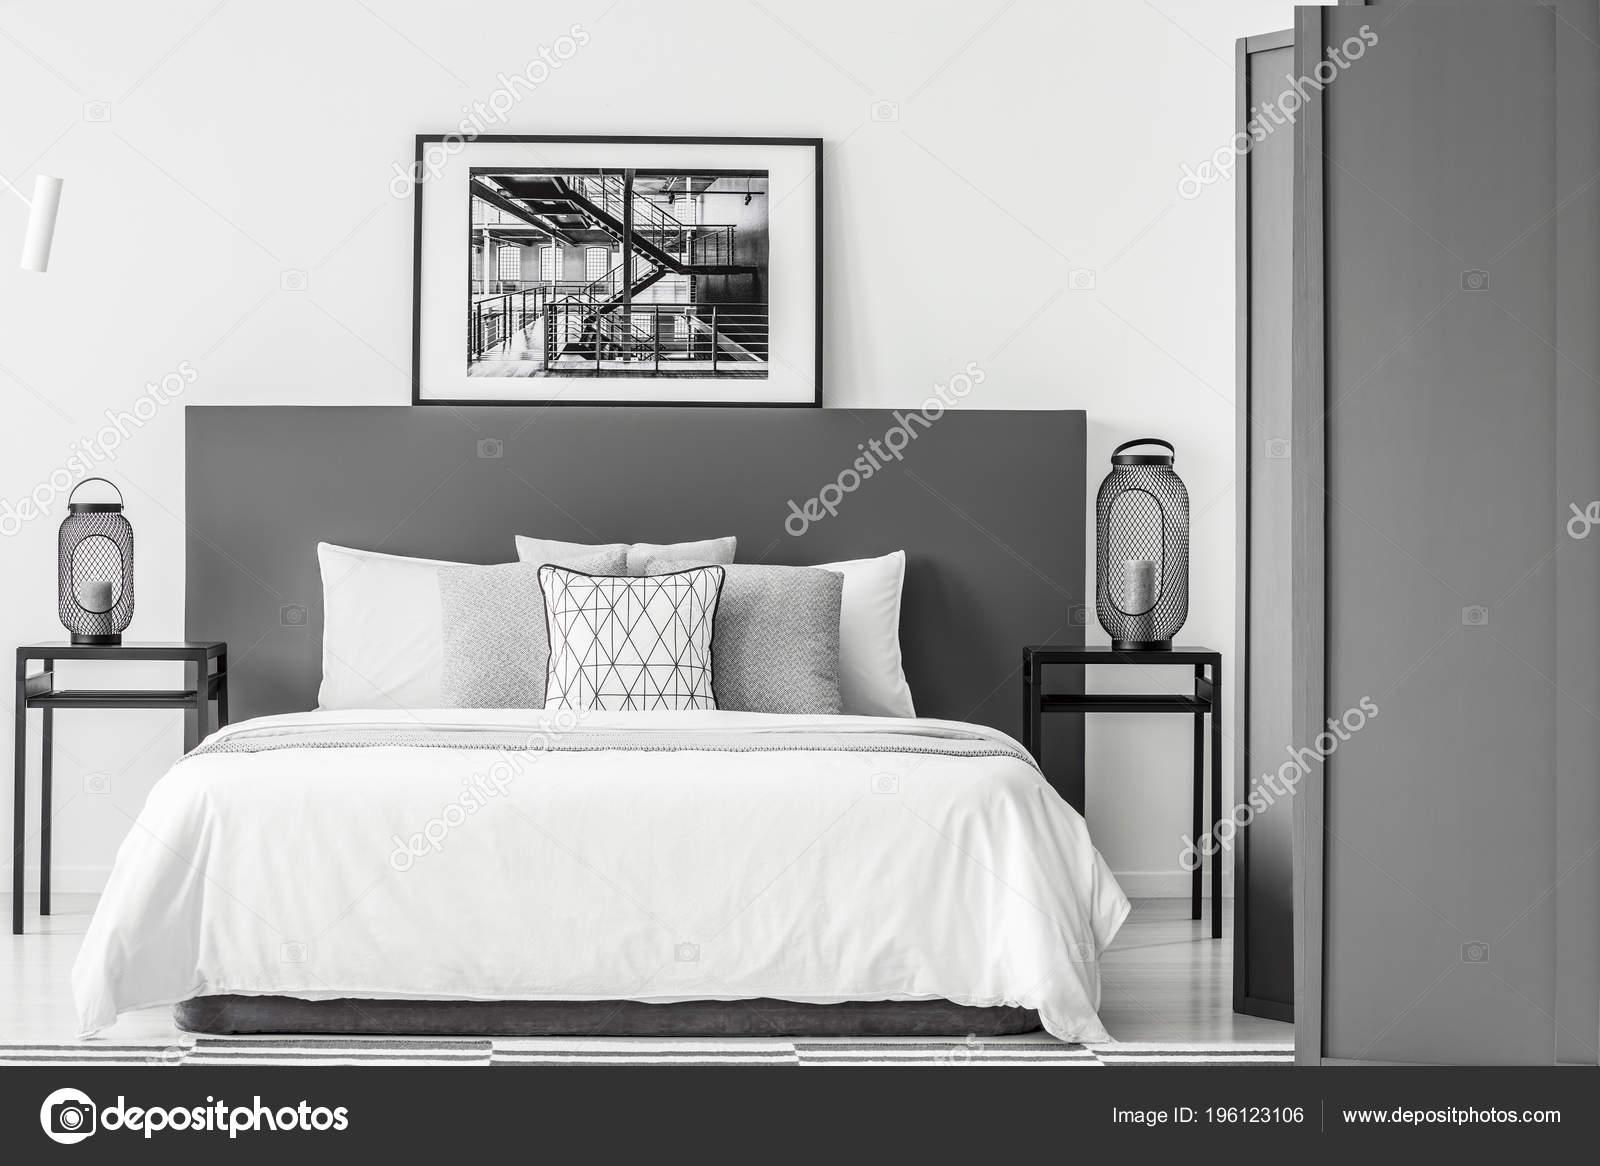 Schwarz Weiss Poster Auf Bedhead Bett Schlafzimmer Innenraum Mit